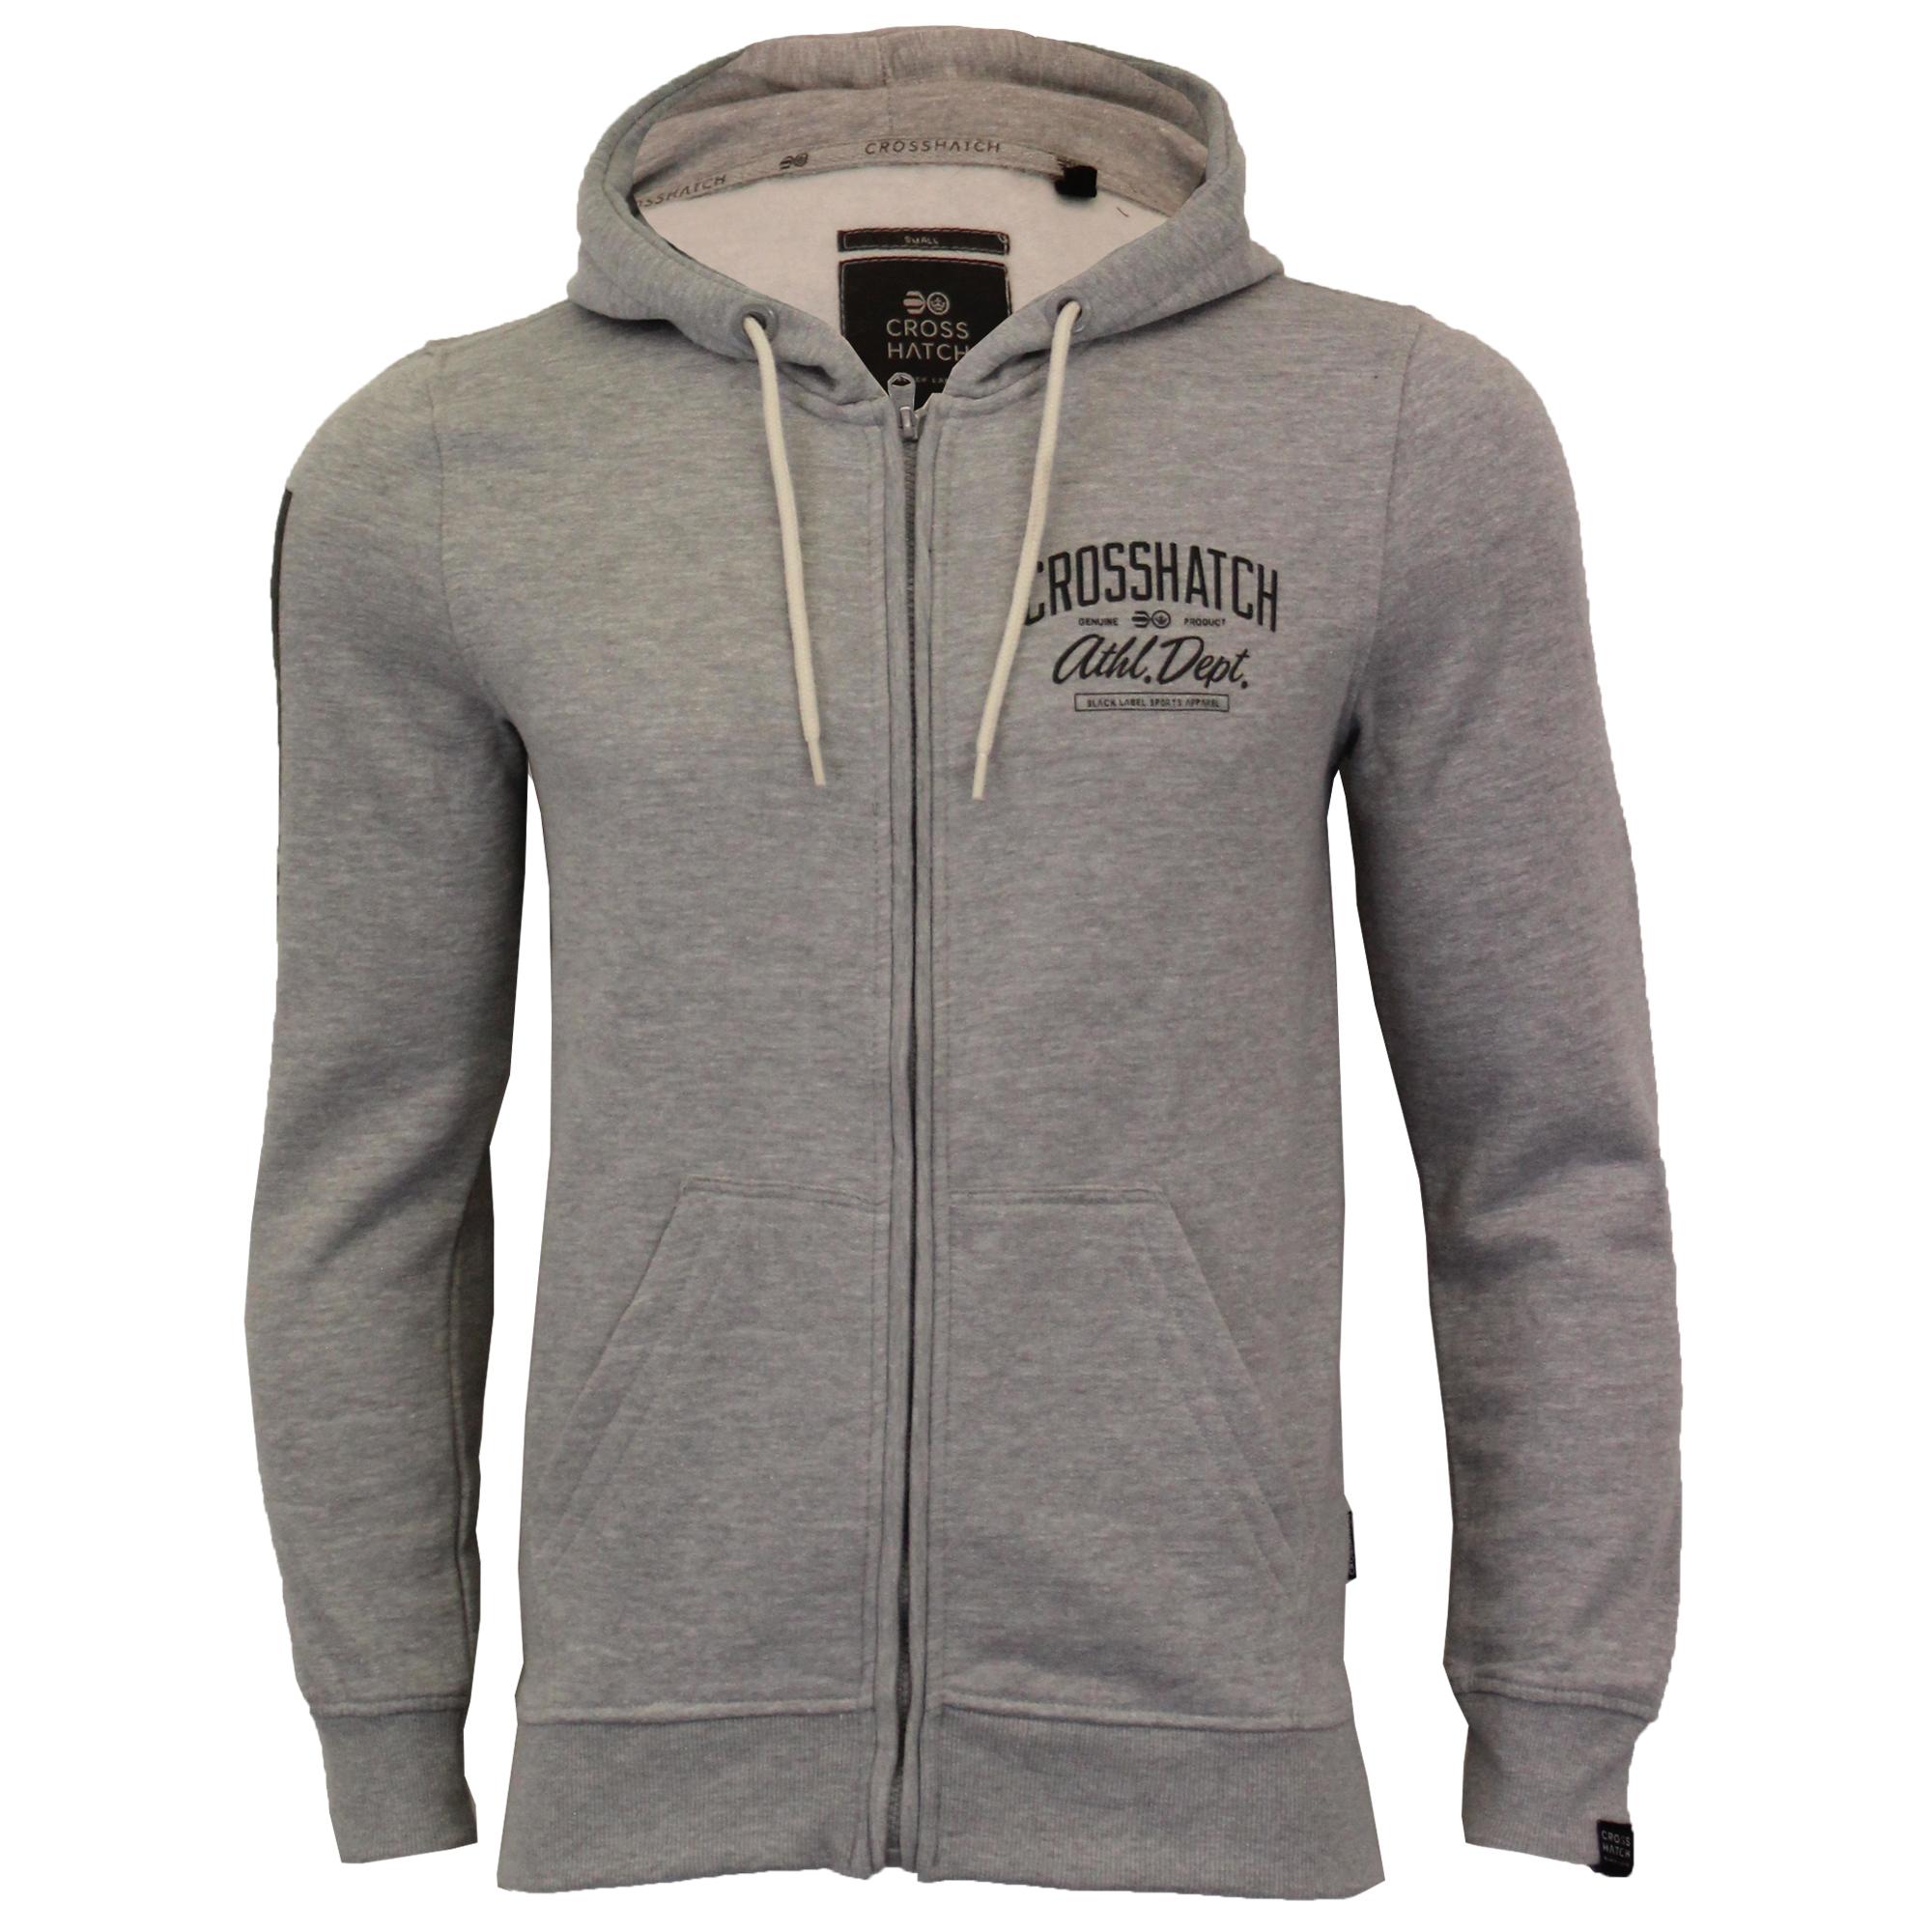 Mens-Sweatshirt-Crosshatch-Over-The-Head-Hoodie-Printed-Zip-Pullover-Top-Fleece thumbnail 10